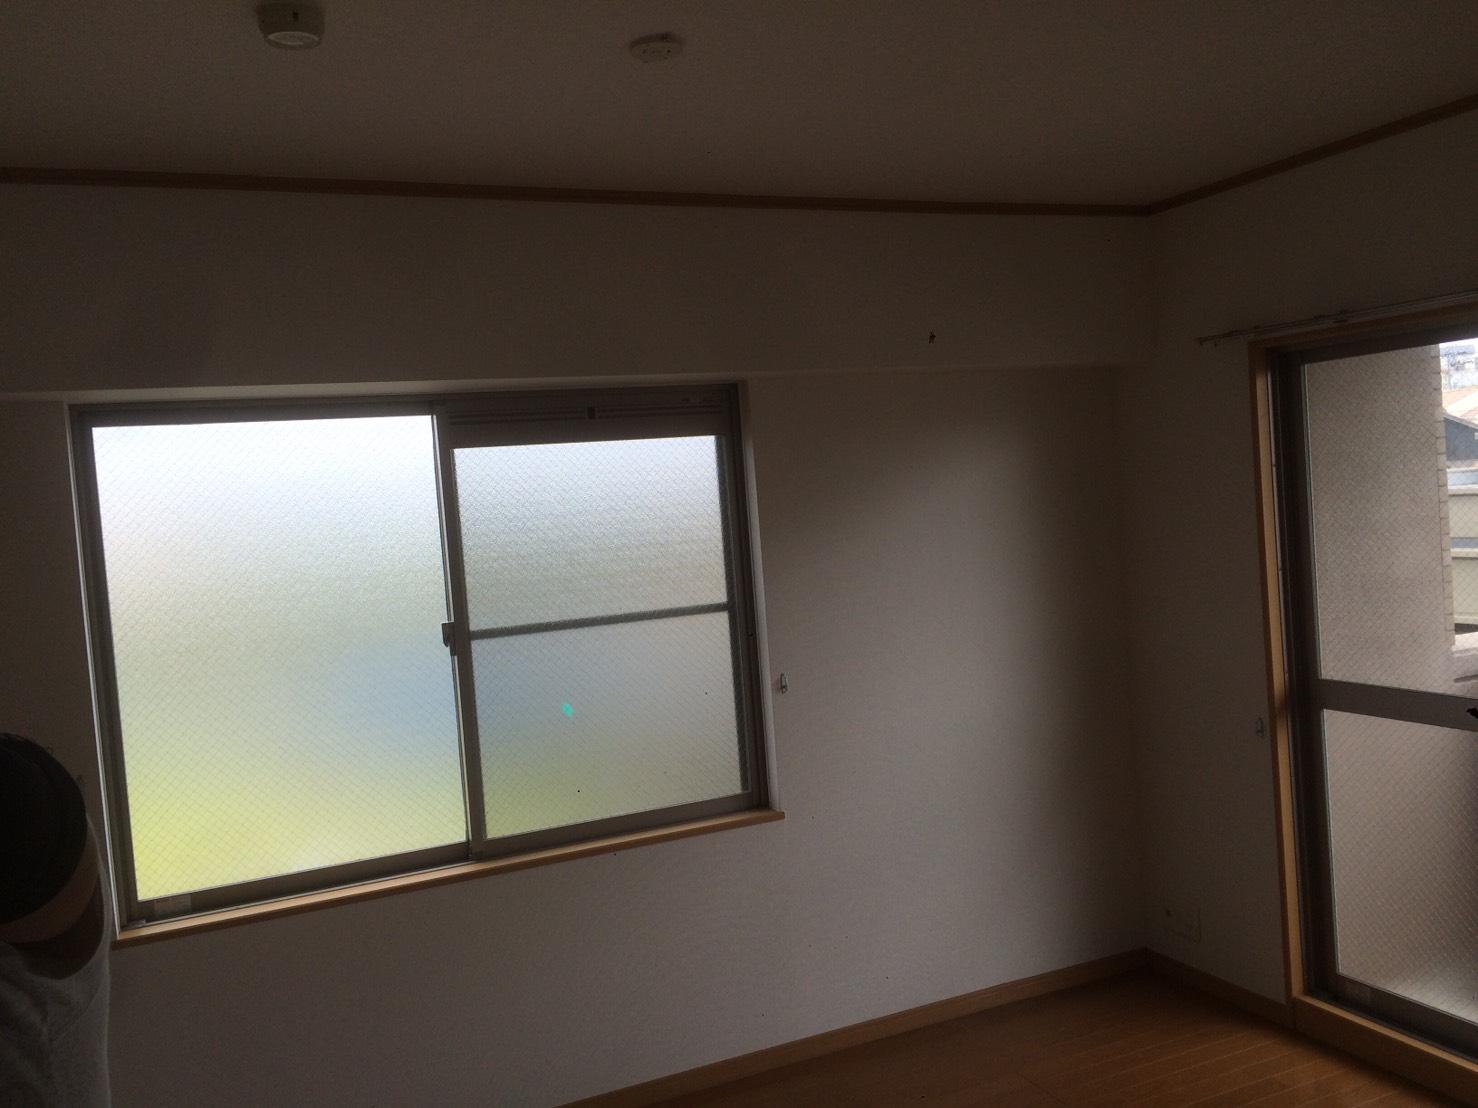 愛知県名古屋市の建築一般工事 リフォーム工事の株式会社松昇のマンション クロス貼り替え工事